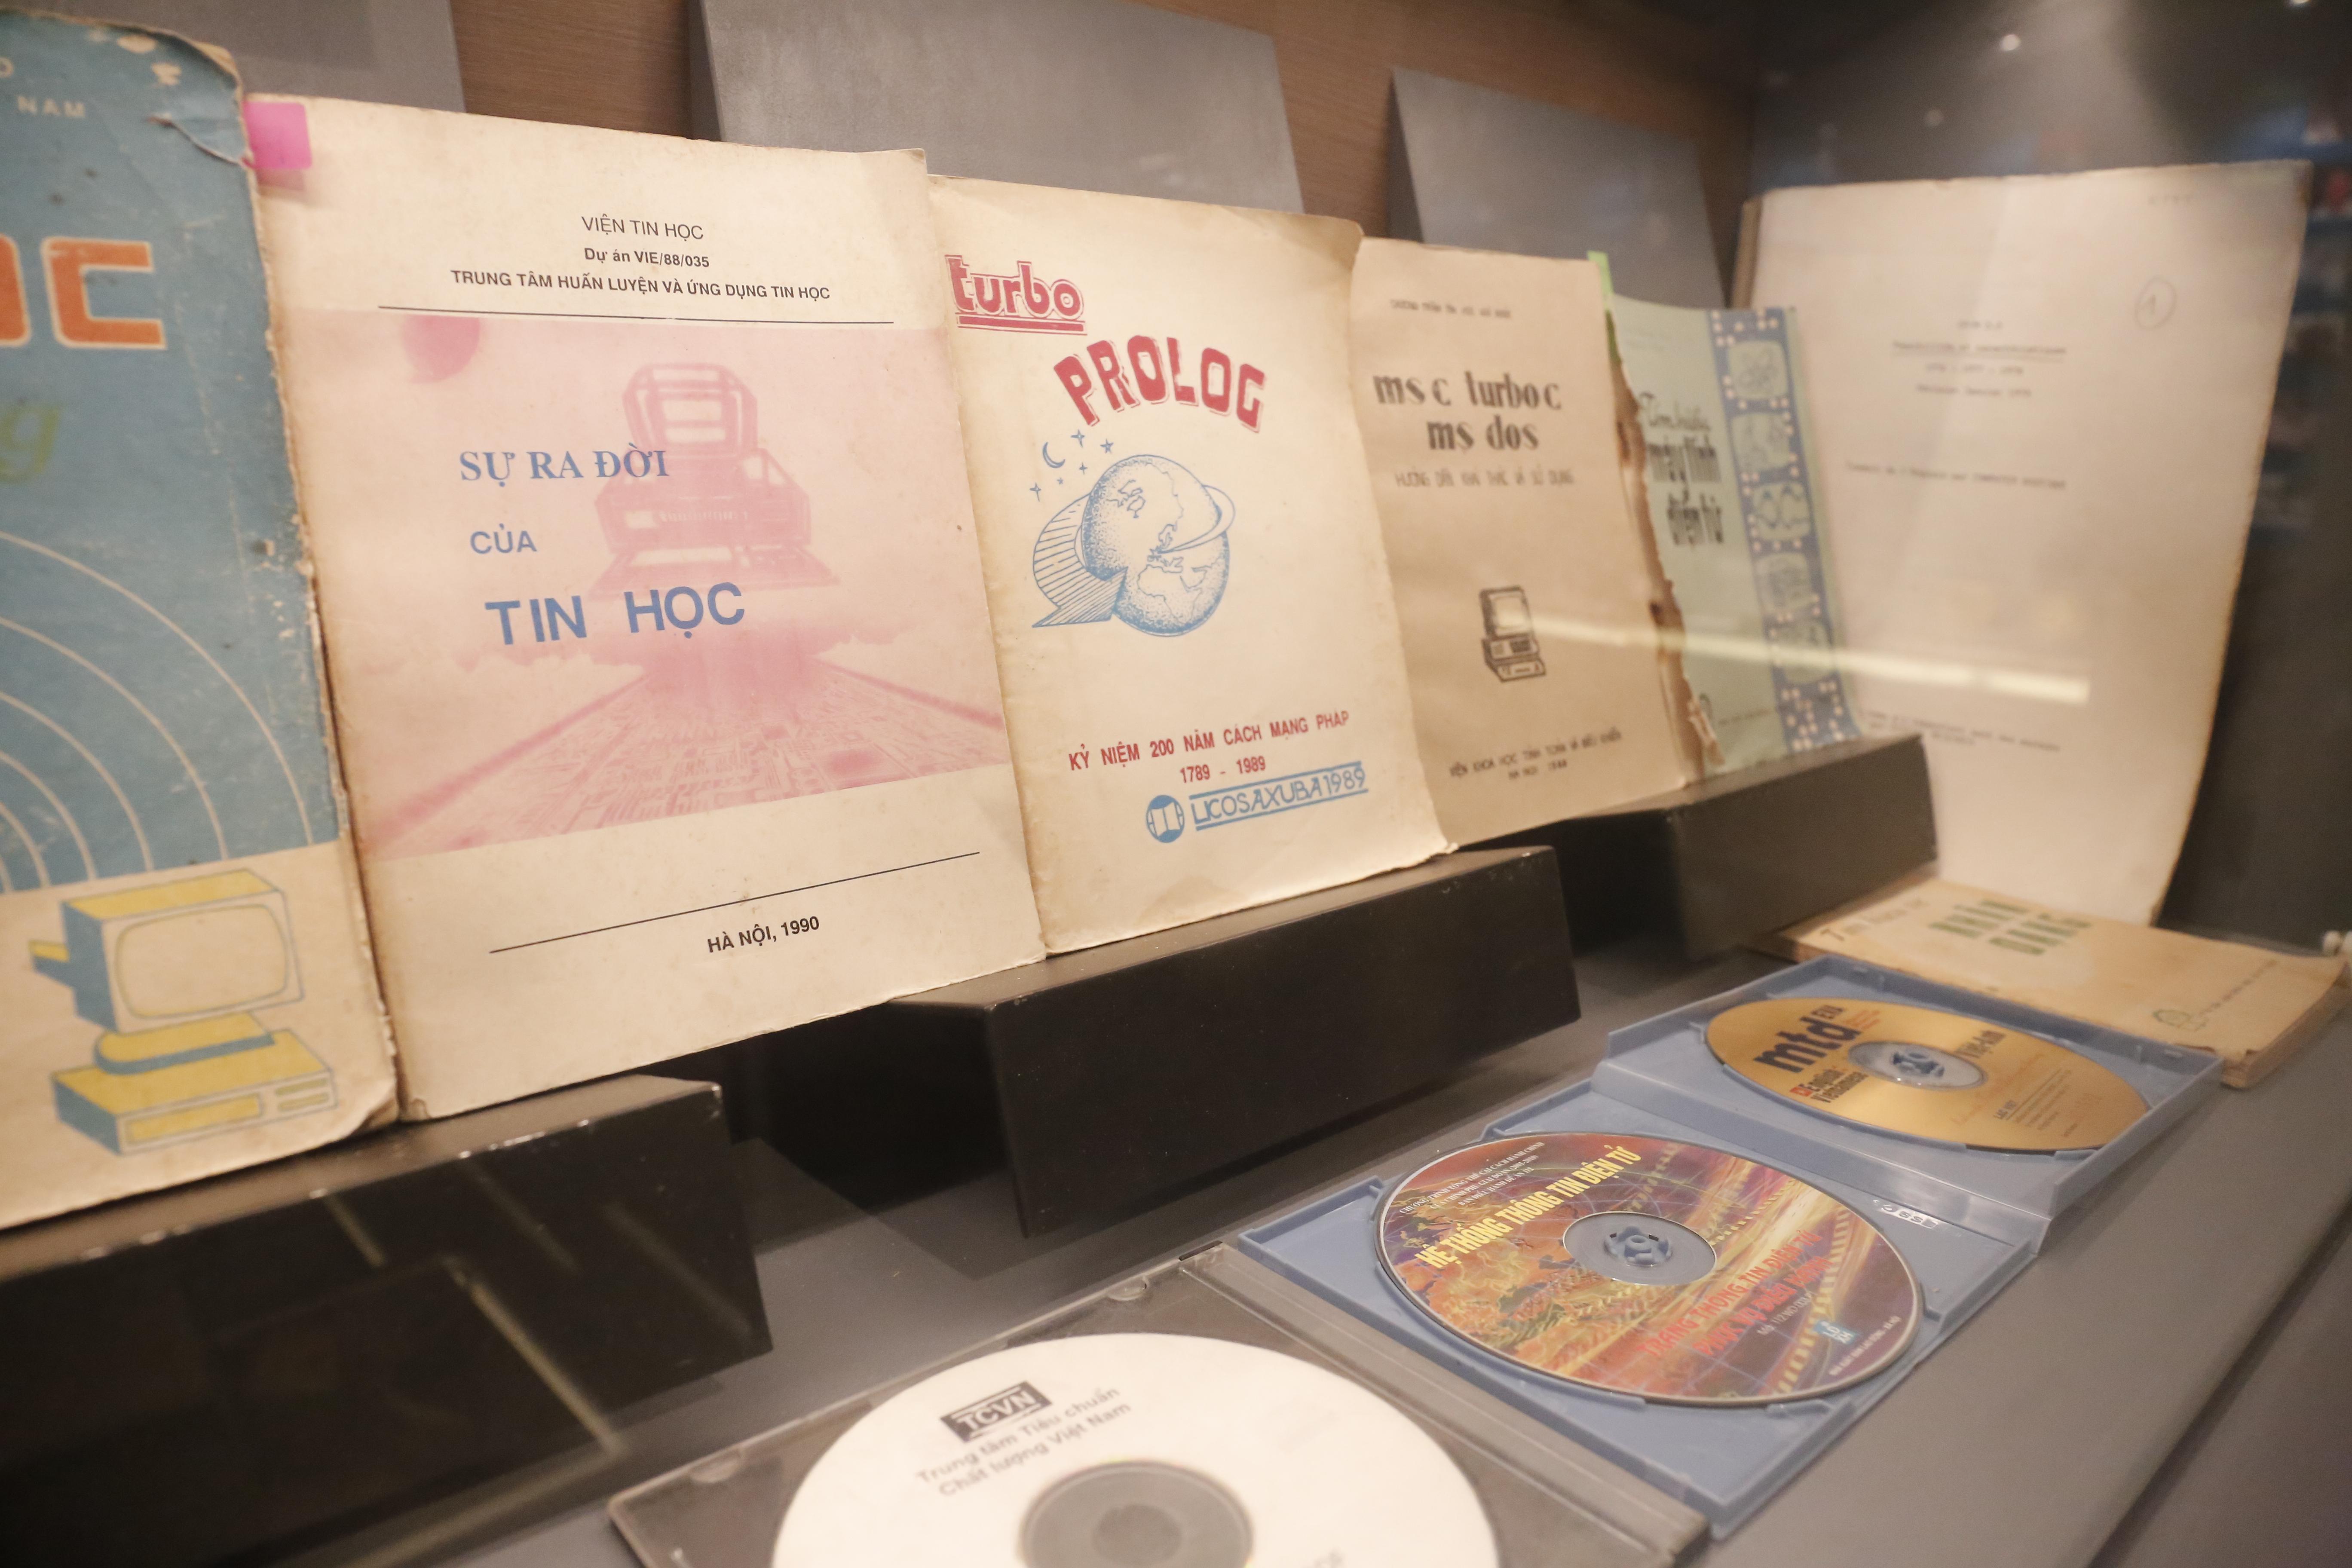 Nhóm những cuốn sách đầu tiên viết về tin học tại Việt Nam vào khoảng những năm 1980 - 1990.